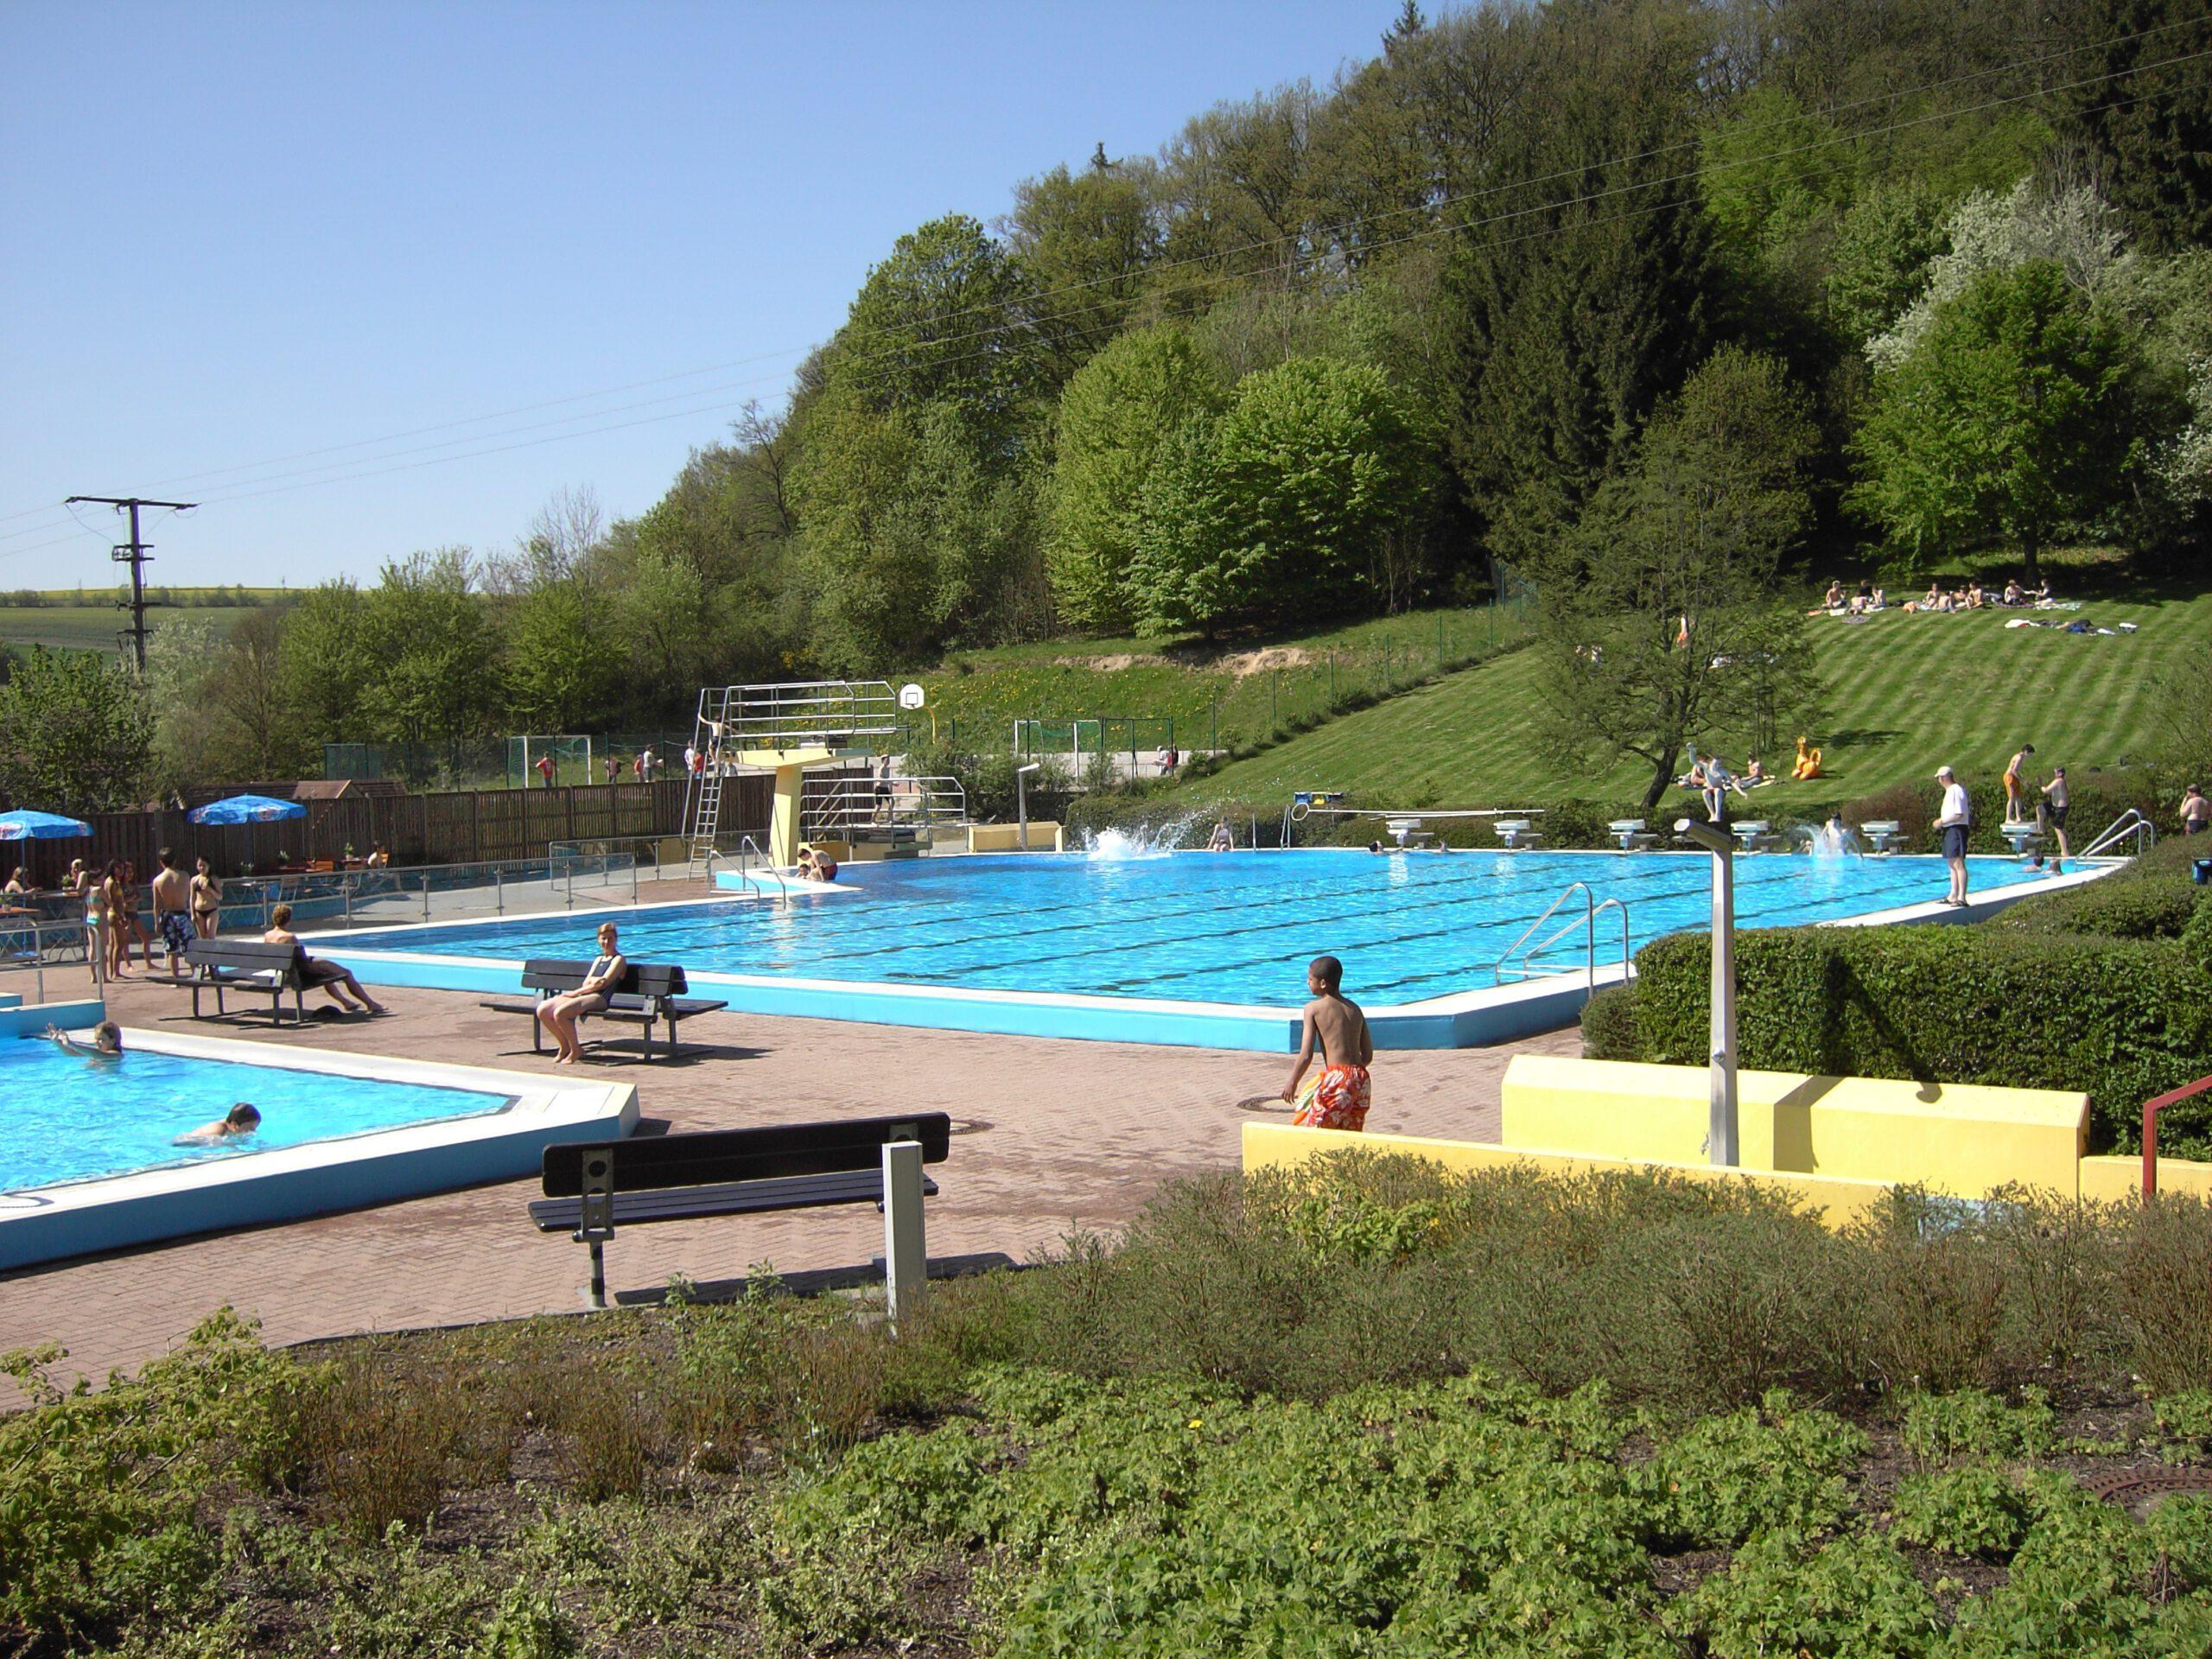 Freizeitbad Brohltal verlängert die Badesaison bis Sonntag, 30. August 2020